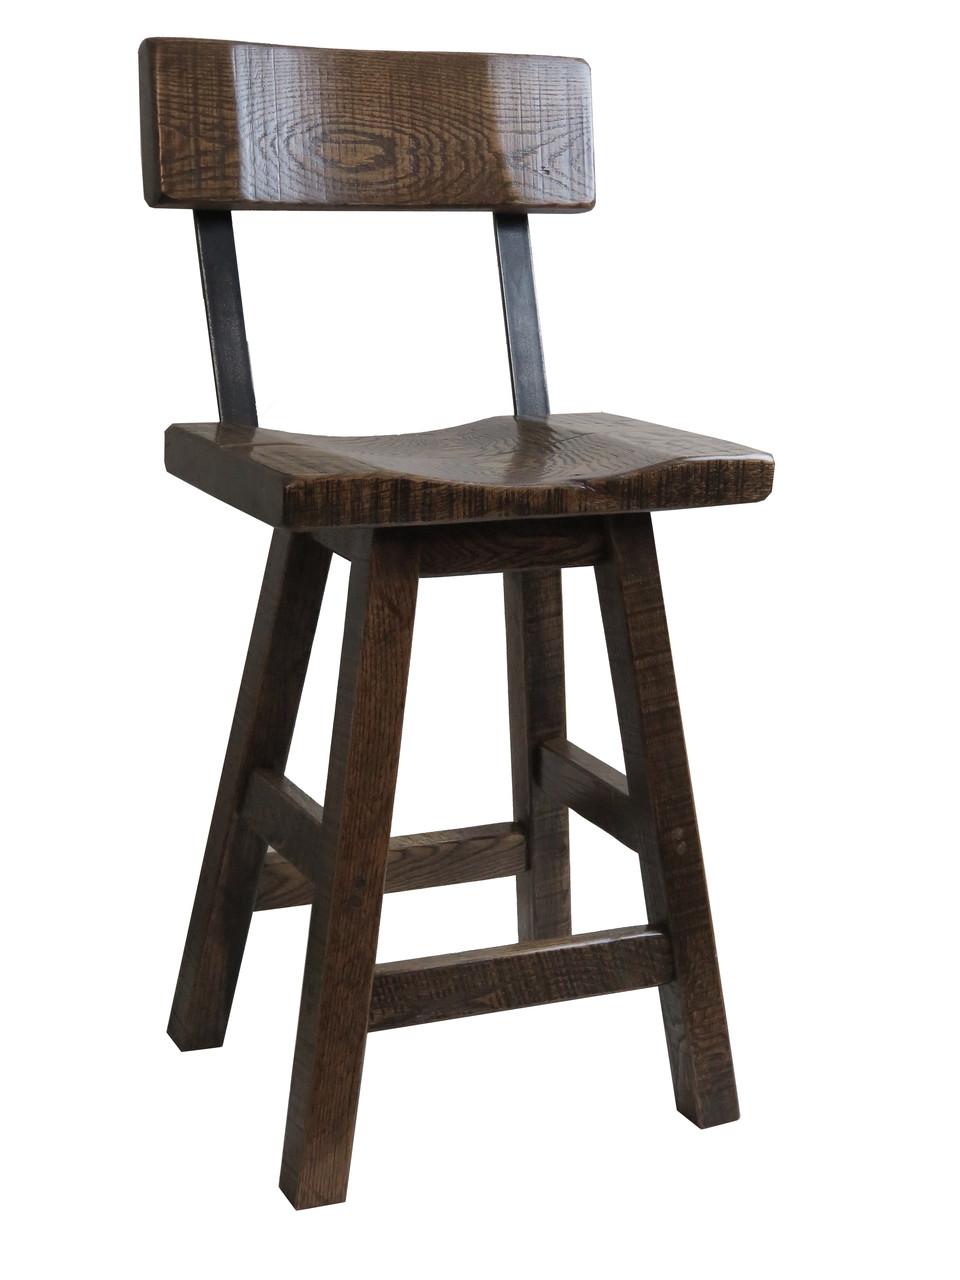 Barnwood Bar Stools 24 Or 30 Saddle Seat